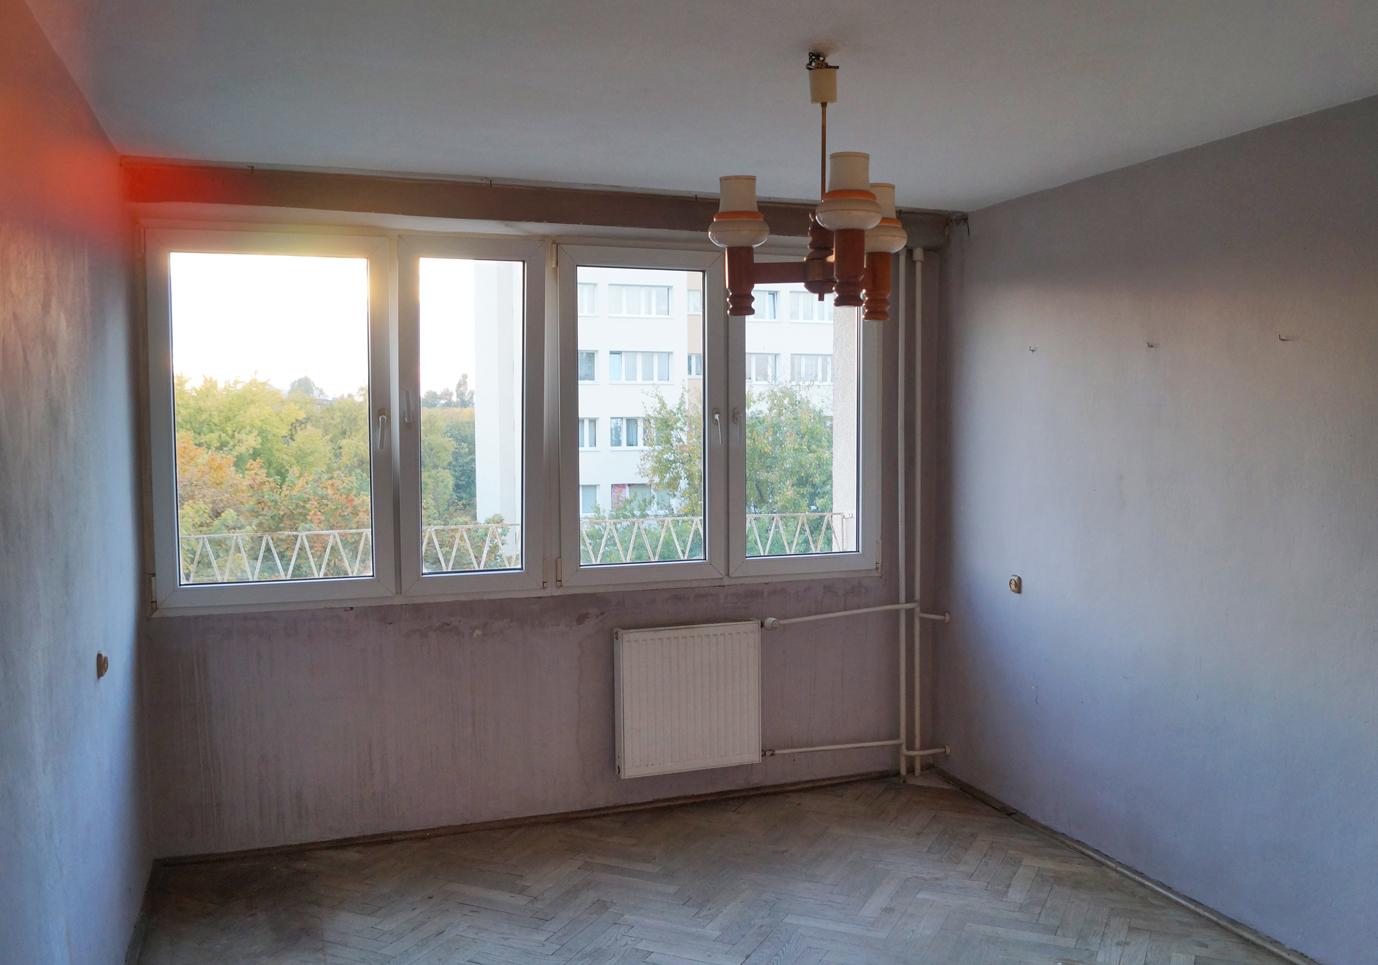 Wymiana okna w mieszkaniu w bloku